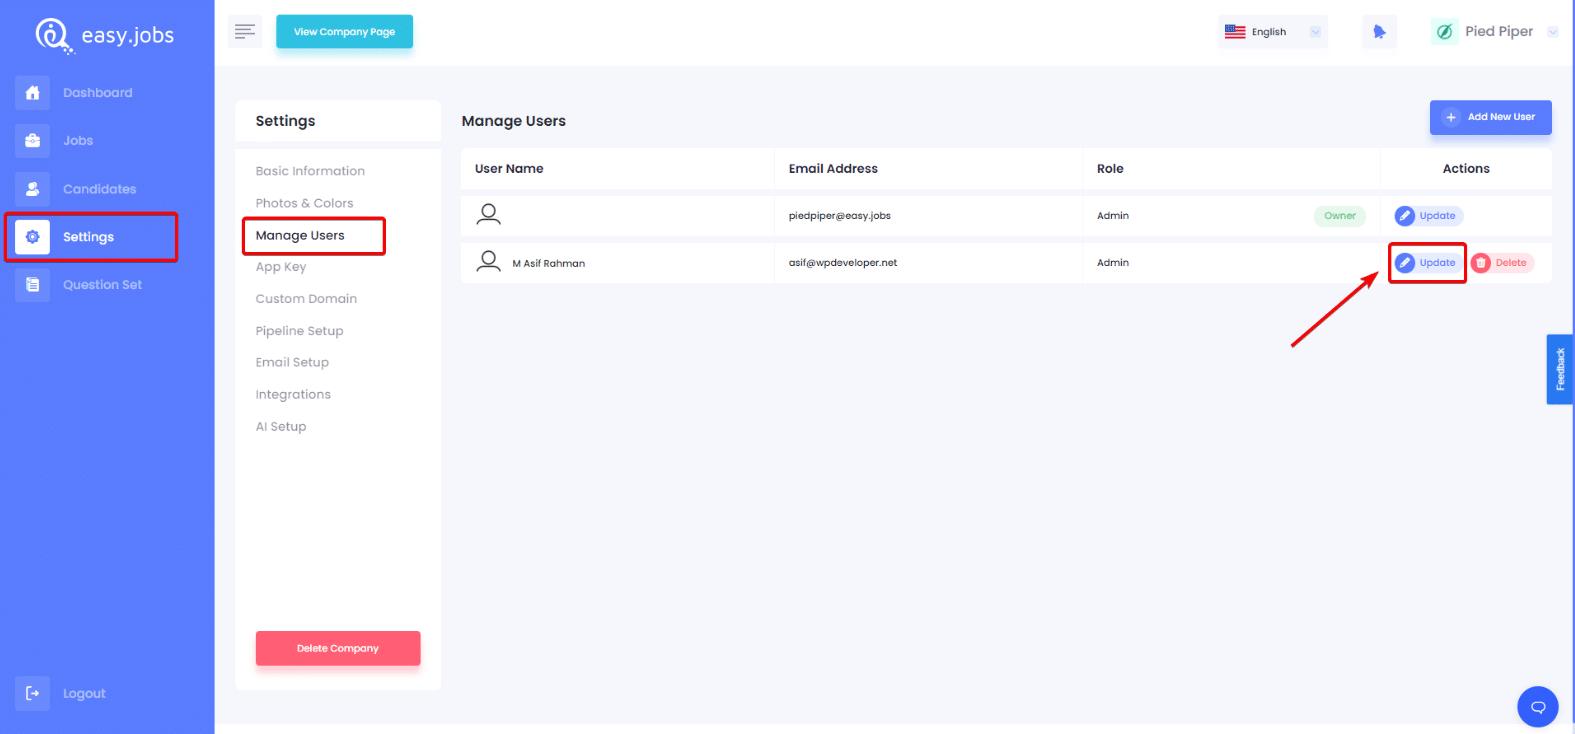 Hvordan oppdatere brukervarsler i Easy.Jobs? 1